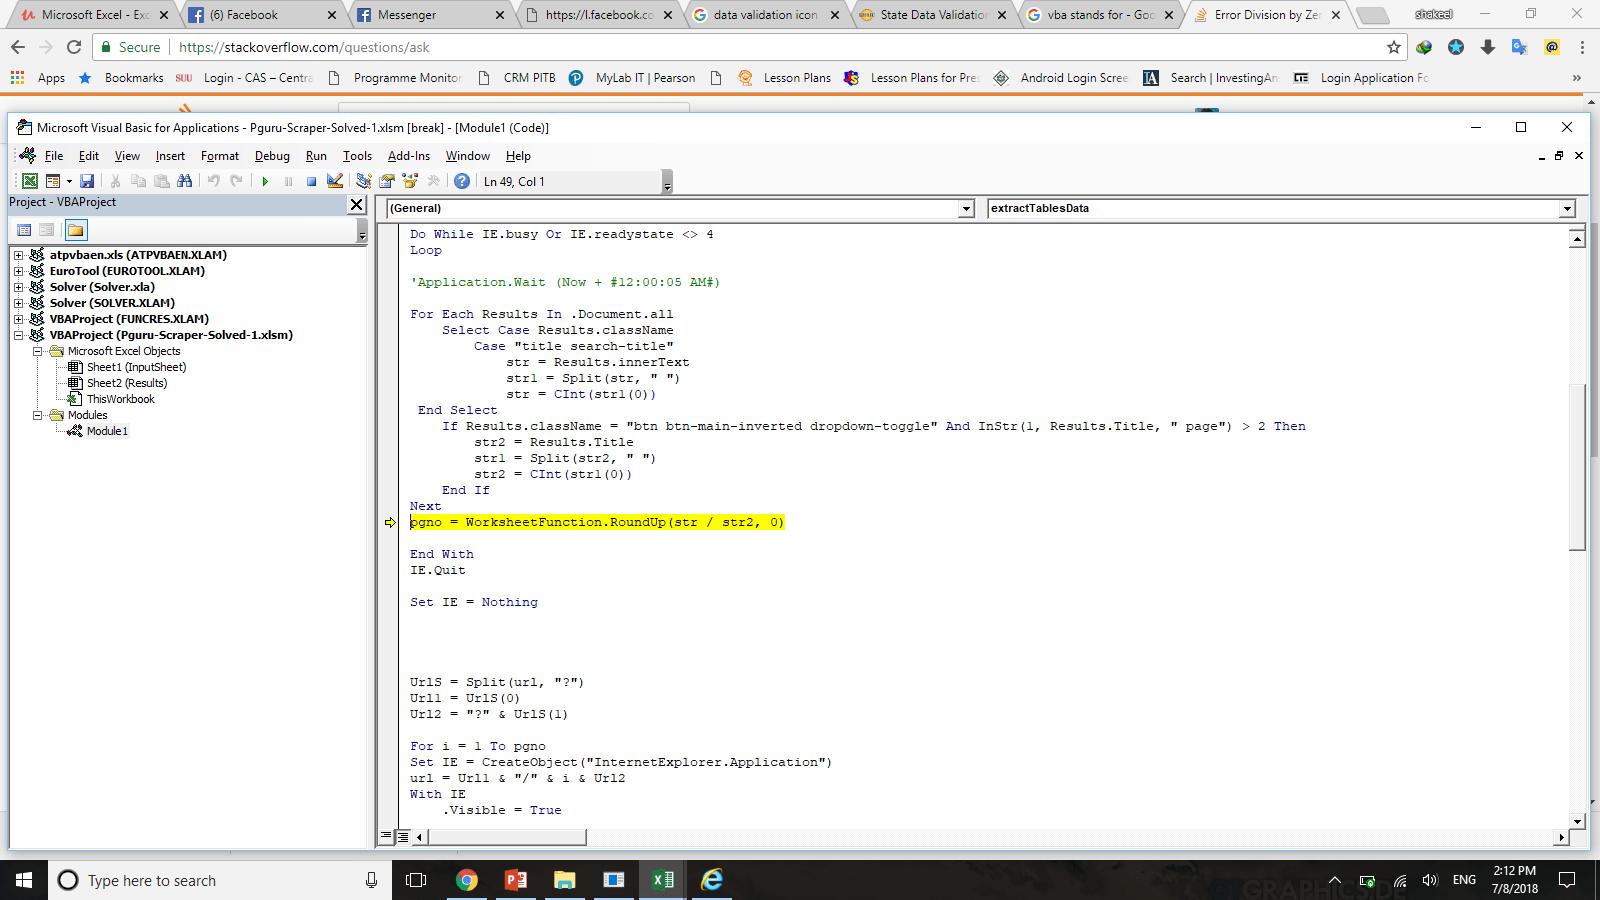 Error Division By Zero In Excel Vba